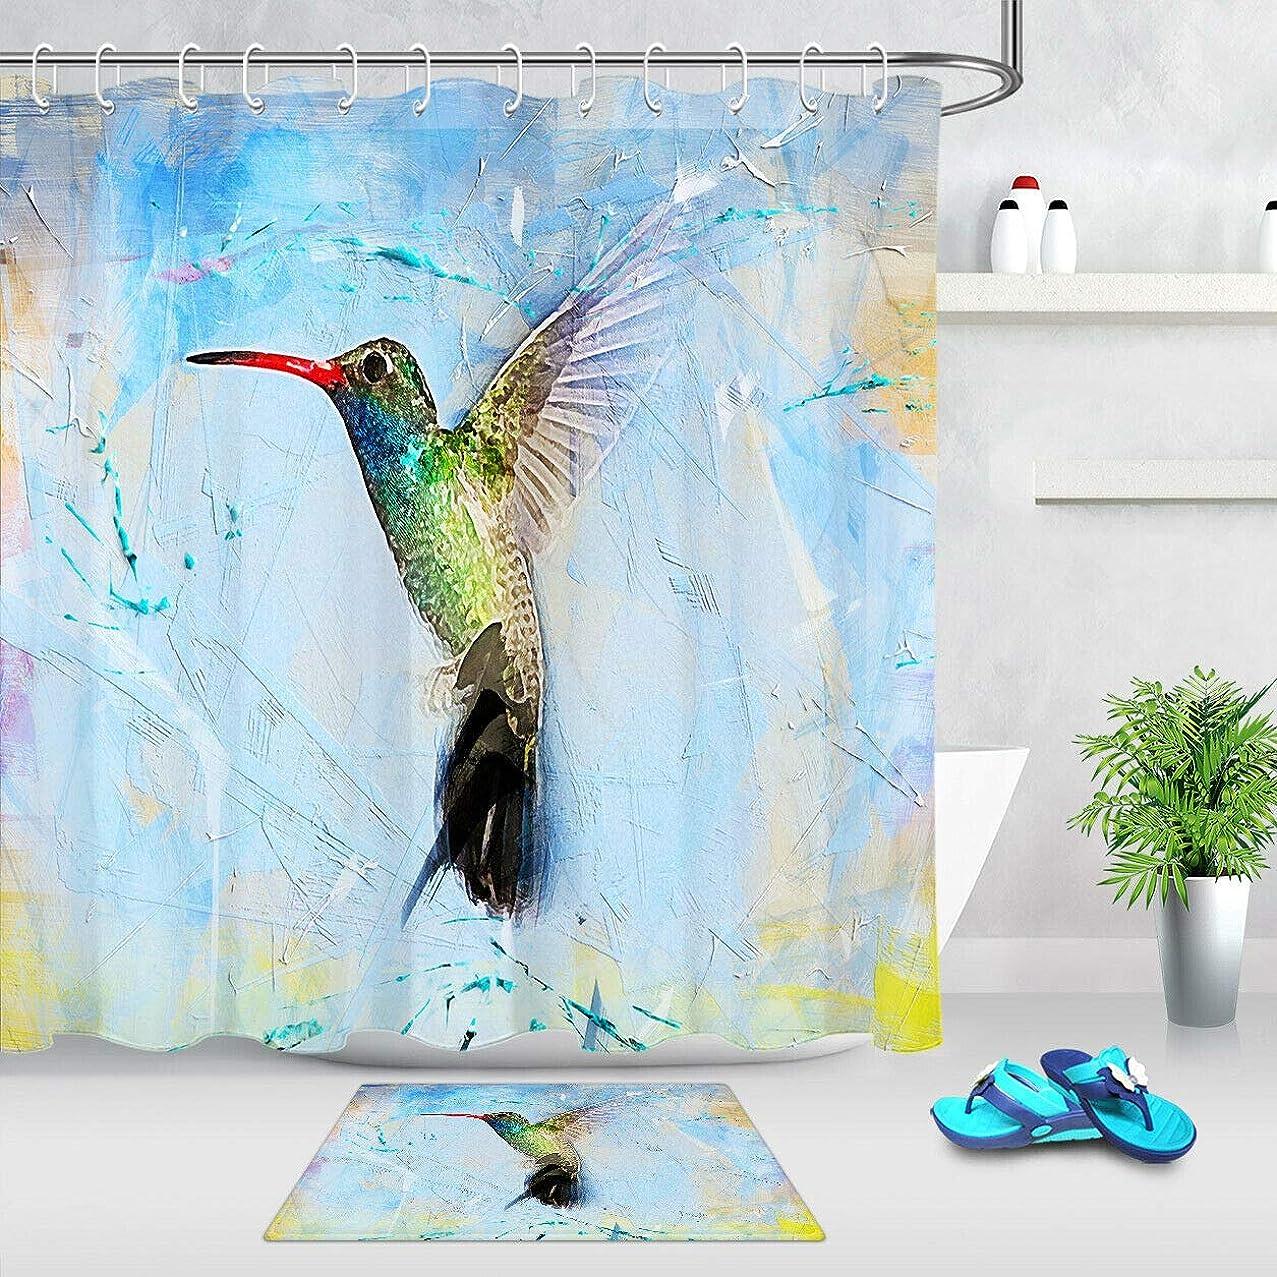 宗教混乱作動するAmxxy 水彩バスマットバスルームカーテン水彩水彩画鳥水彩防水布セットフランネル滑り止めバスマット付属12プラスチックフックバスルームシャワーホテル